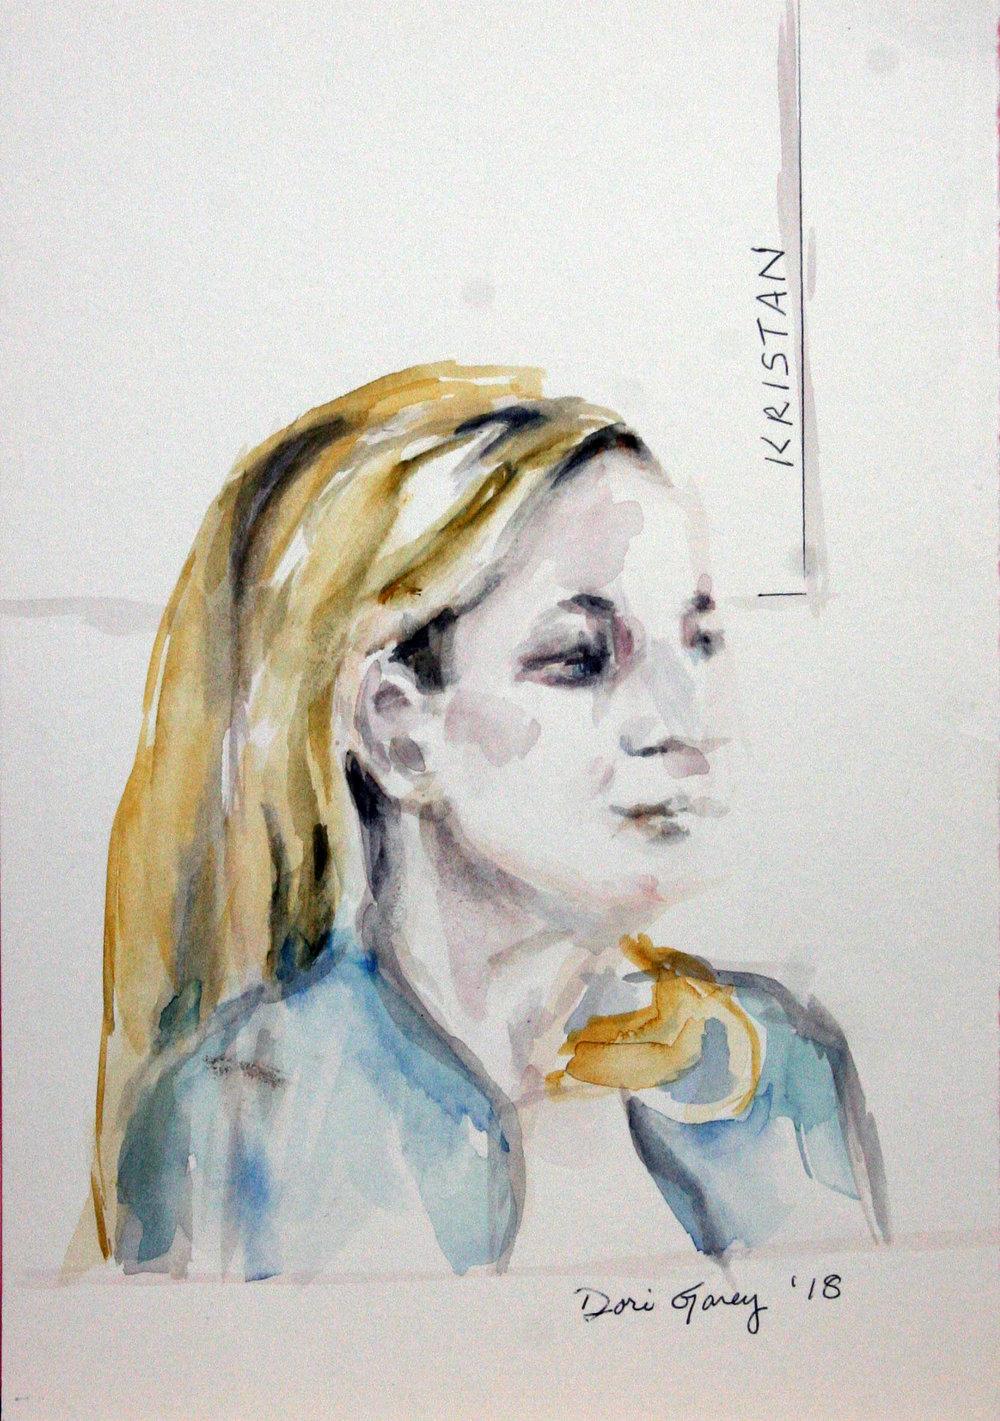 Dori Garey did this watercolor.